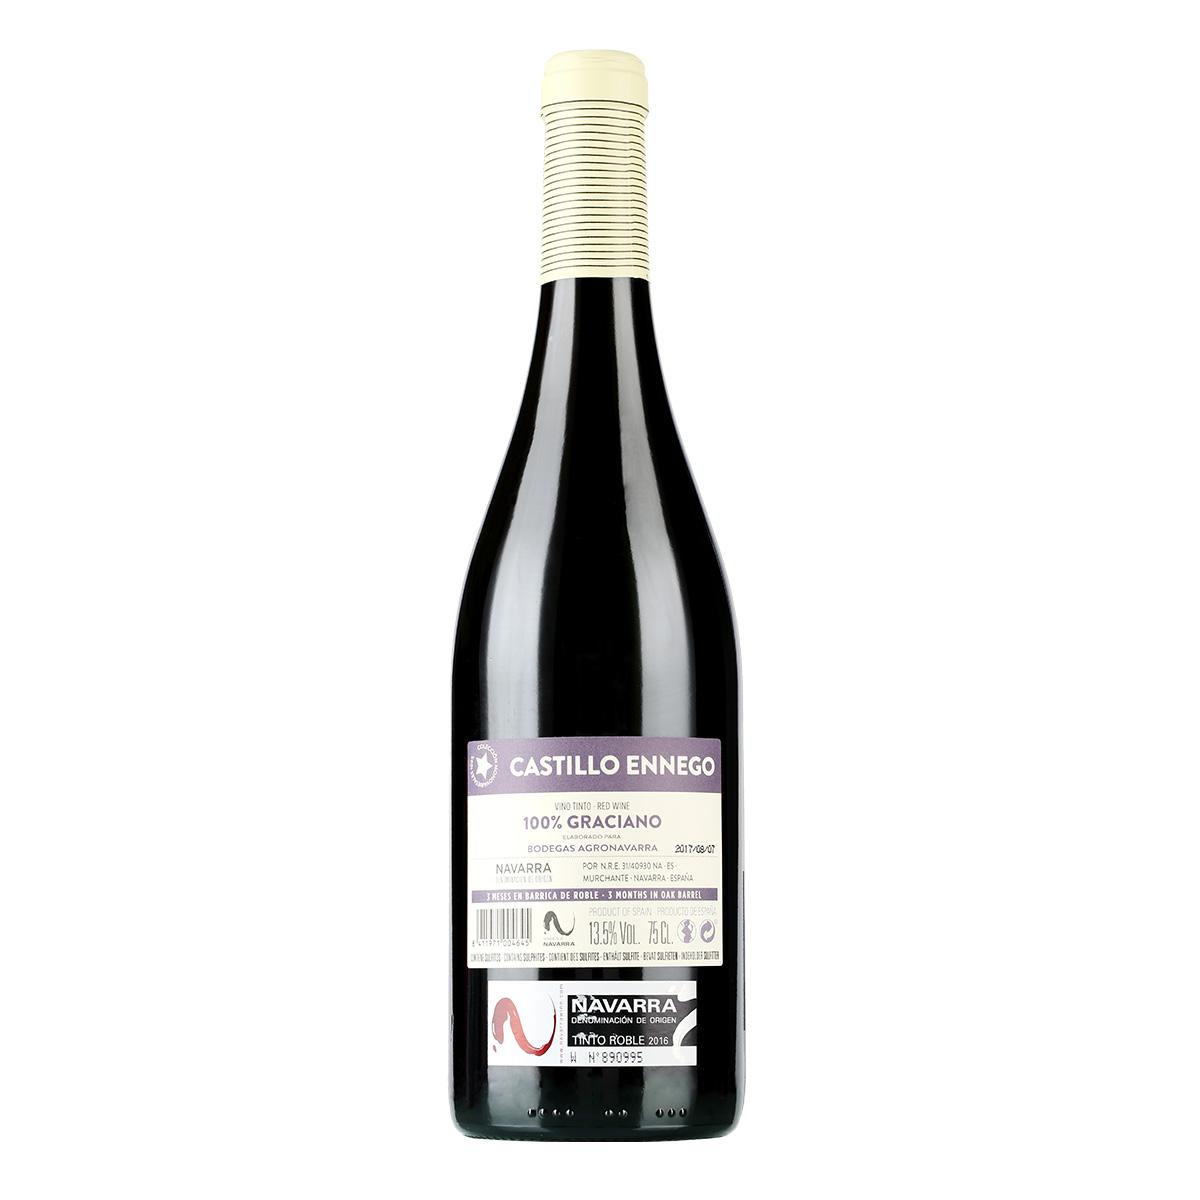 西班牙纳瓦拉安格蓉纳瓦拉酒庄酿酒师之选格拉西亚诺干红葡萄酒(广州永信酒业 )